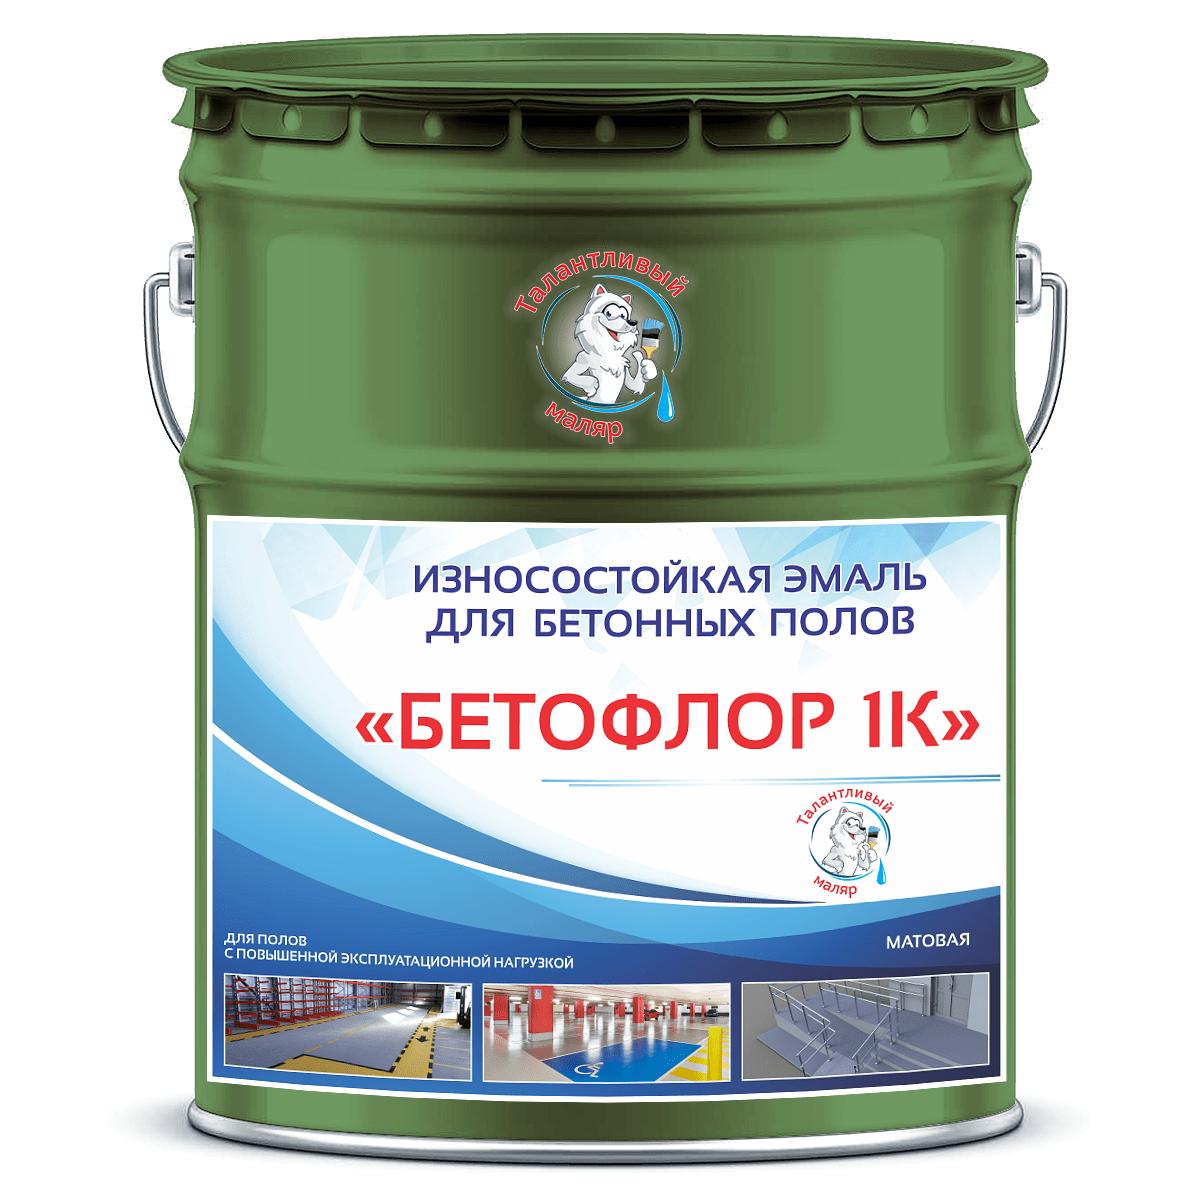 """Фото 4 - BF6003 Эмаль для бетонных полов """"Бетофлор"""" 1К цвет RAL 6003 Оливково-зеленый, матовая износостойкая, 25 кг """"Талантливый Маляр""""."""